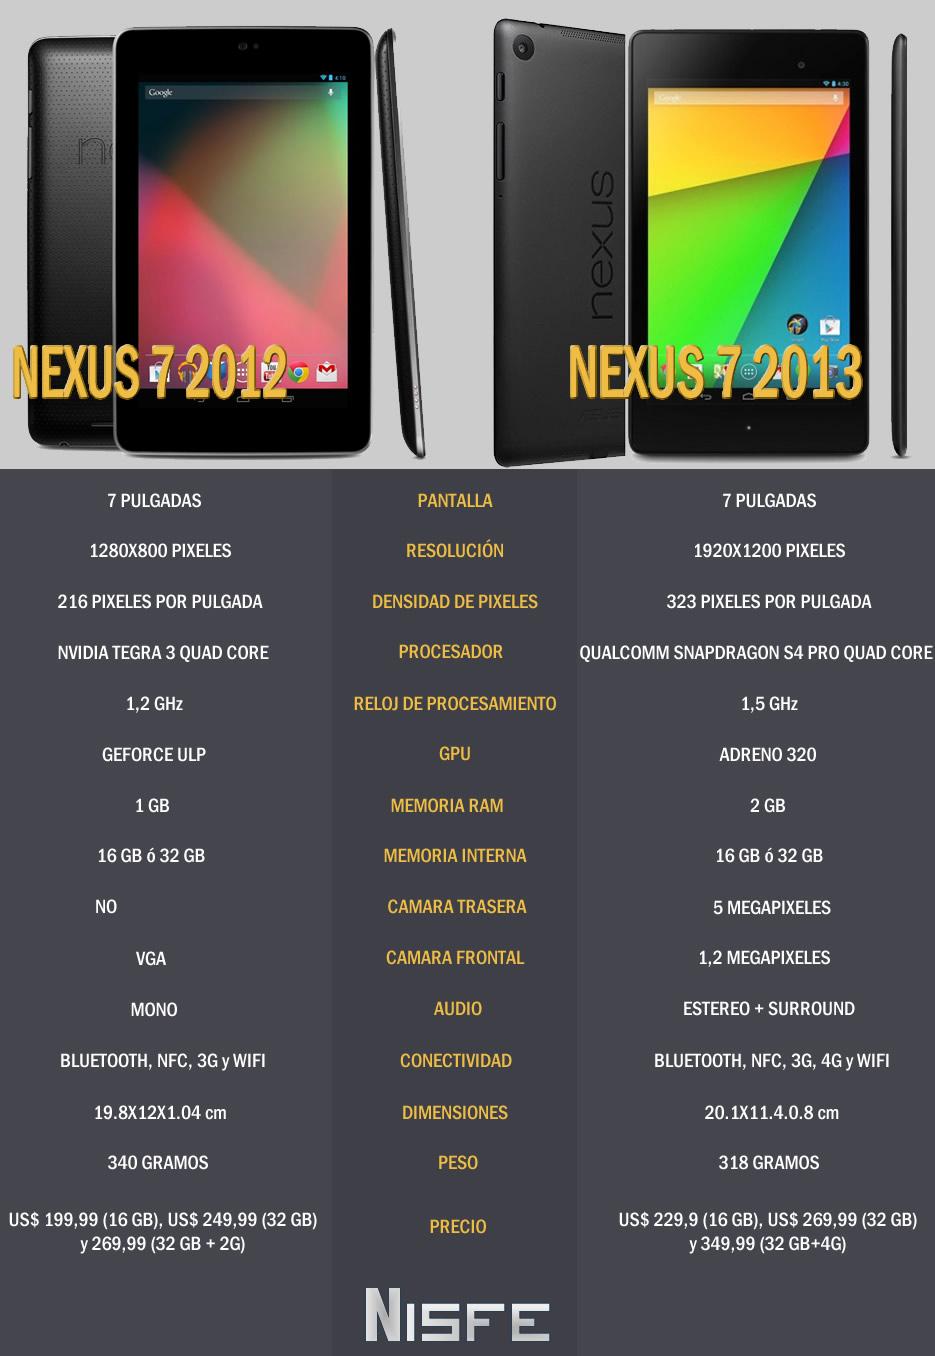 diferencias nexus 7 y nueva nexus 7